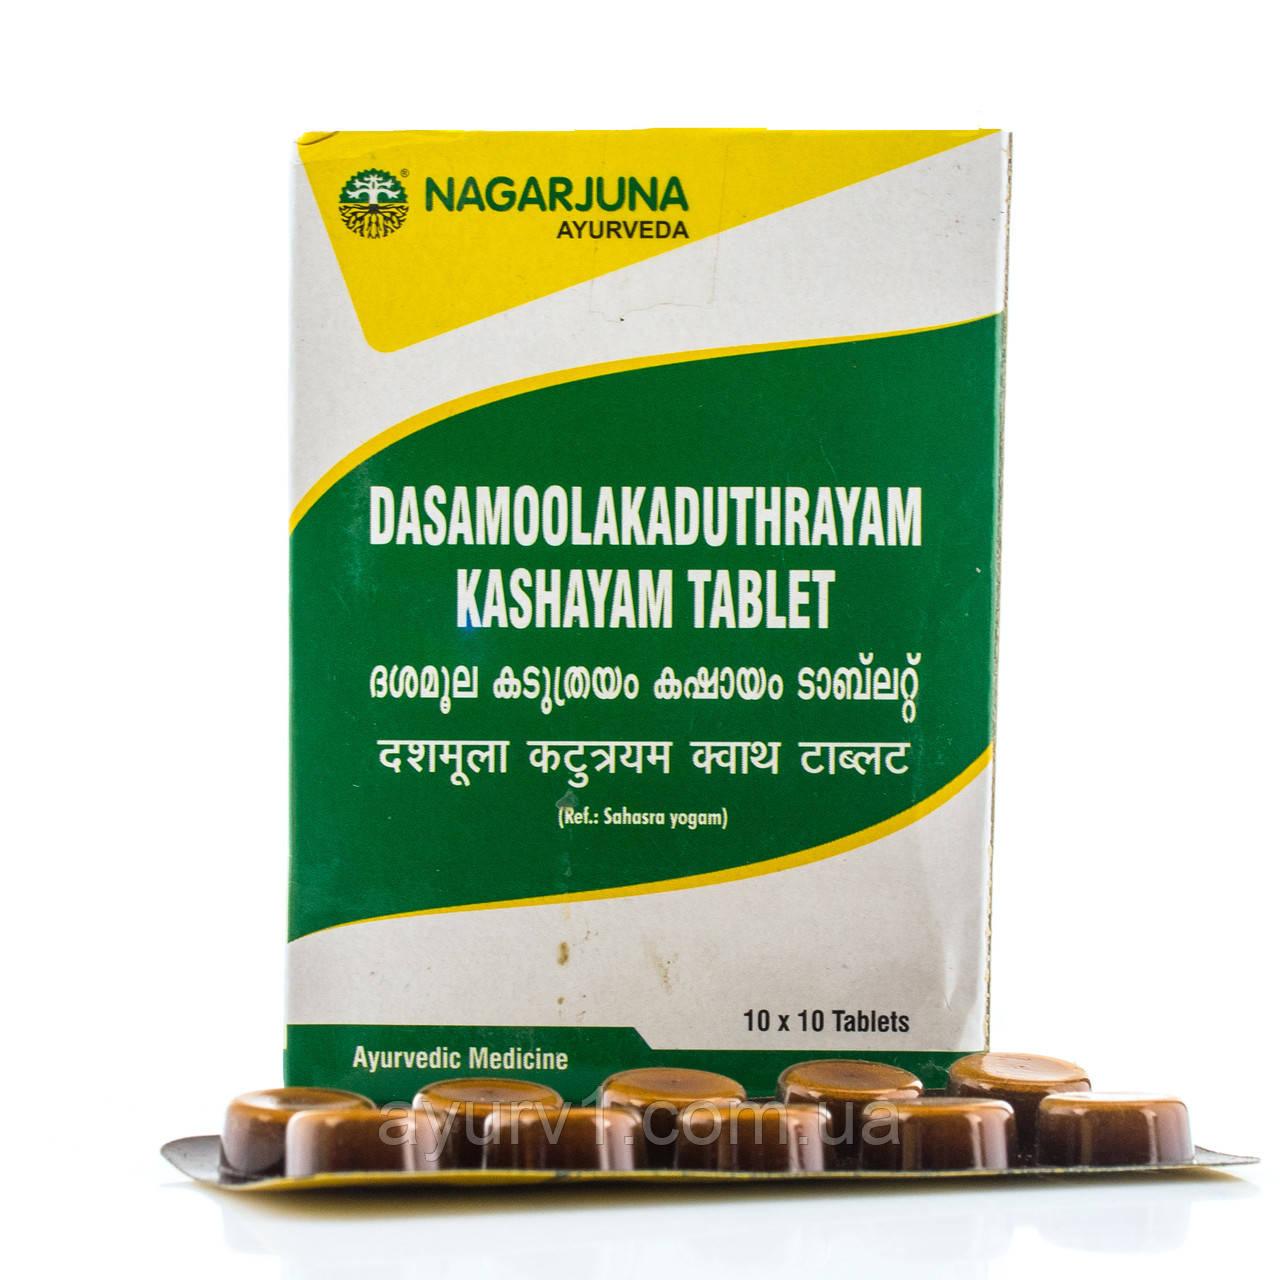 Дашамула Катутхраям Кашаям таблетки  DasamoolaKaduthrayam Kashayam tablet Nagarjuna / 100 tab.